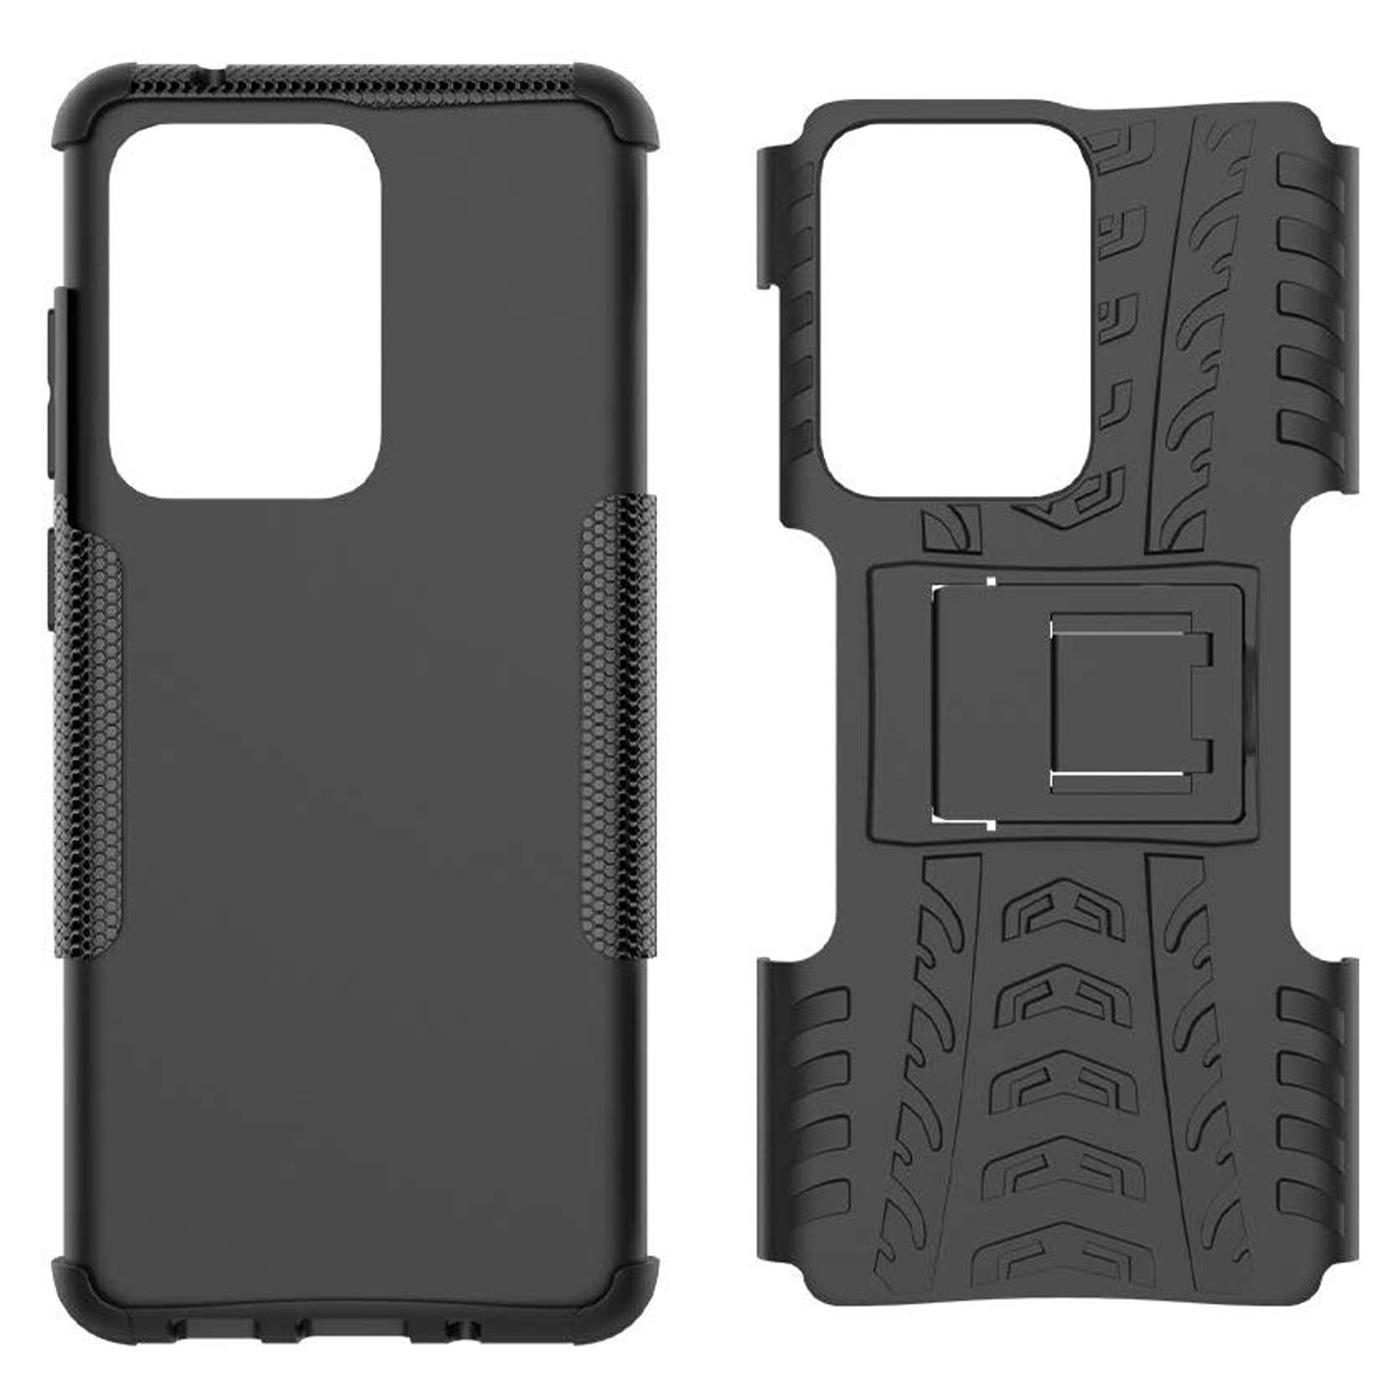 Samsung-Galaxy-S20-Serie-Schutzhuelle-Rugged-Handy-Tasche-Robust-Outdoor-Cover Indexbild 26